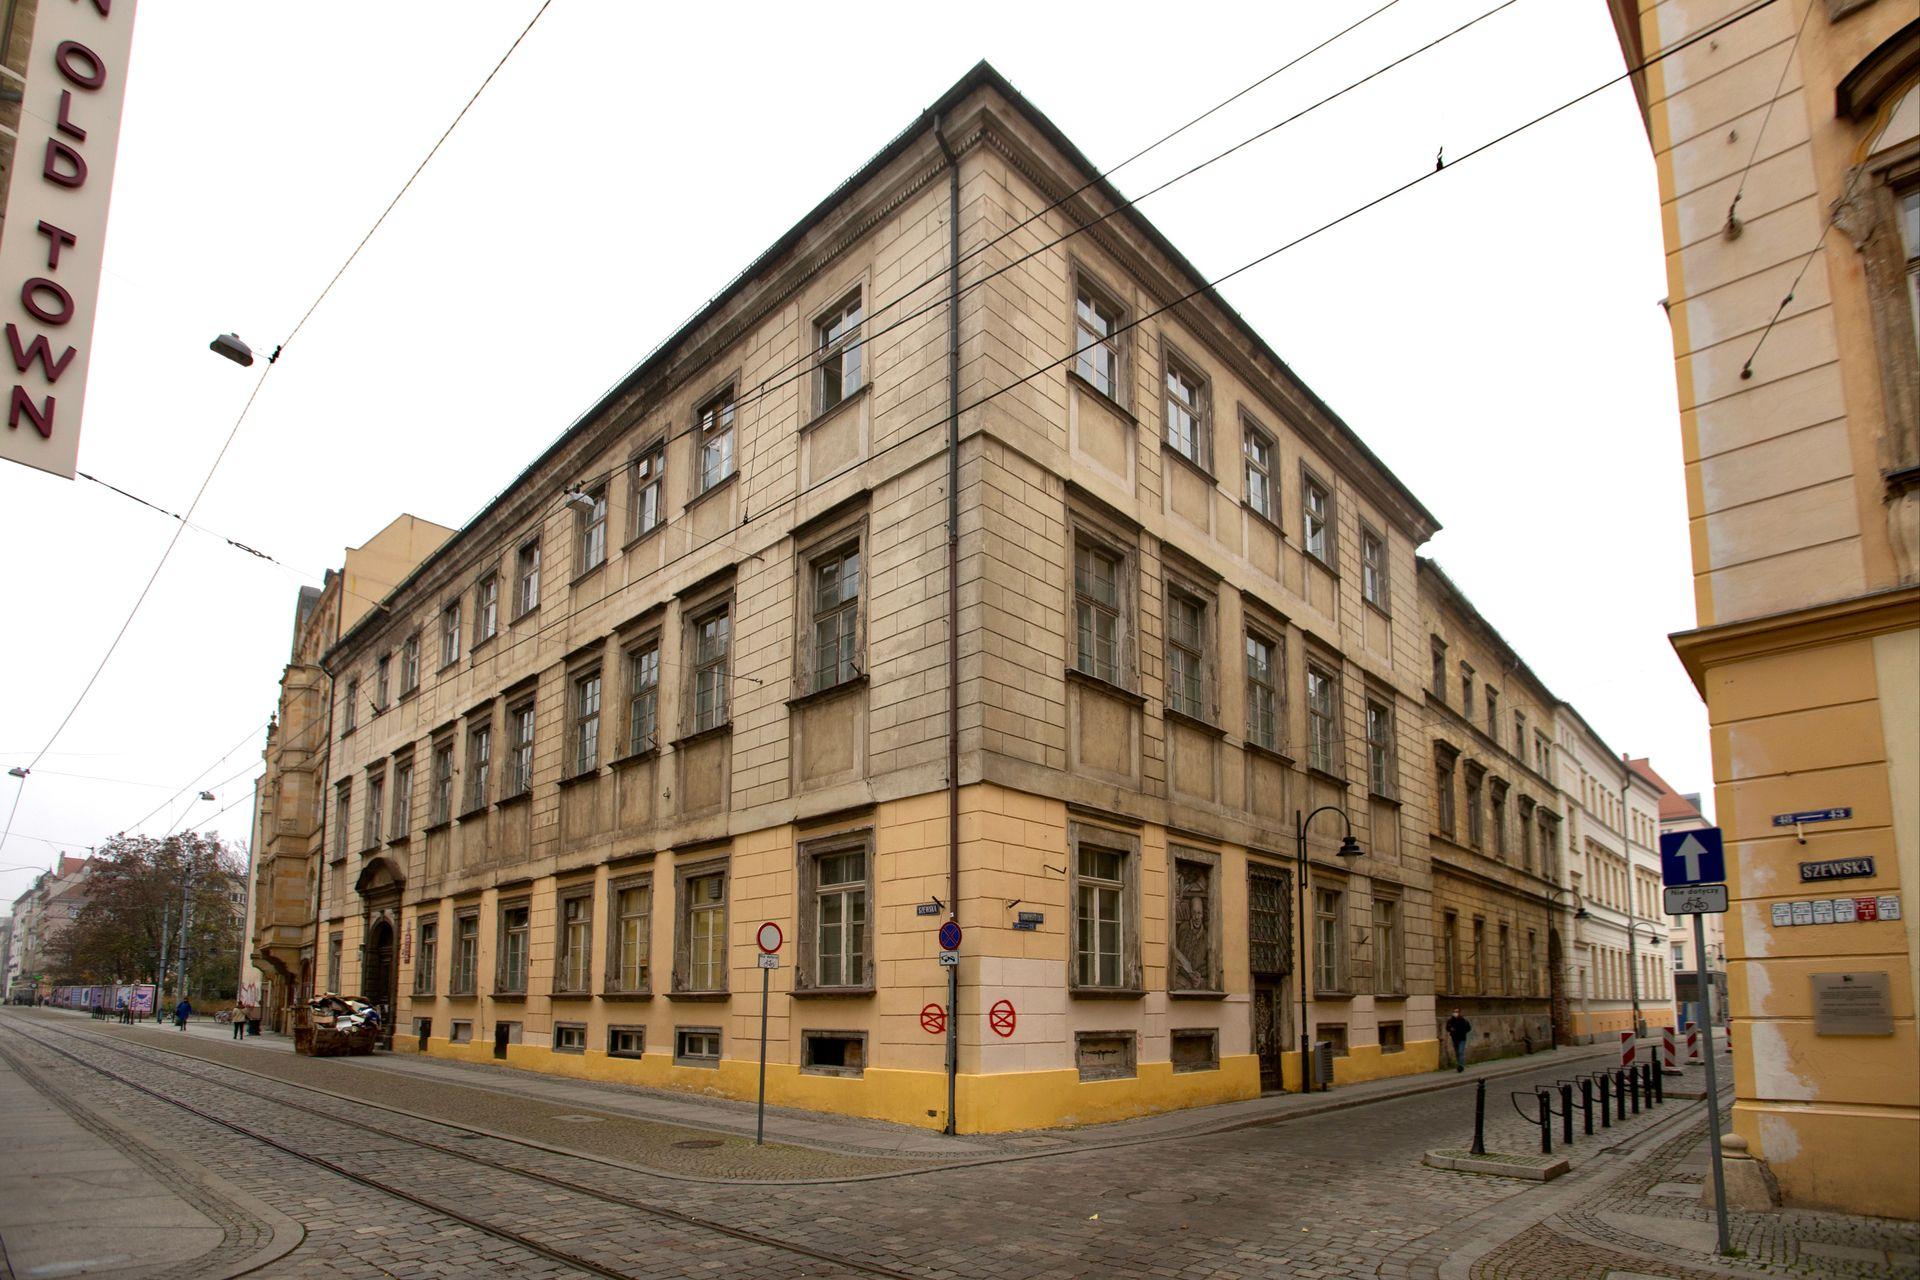 Ruszył remont i przebudowa zabytkowego pałacu przy ulicy Szewskiej 49 we Wrocławiu [WIZUALIZACJE + ZDJĘCIA]